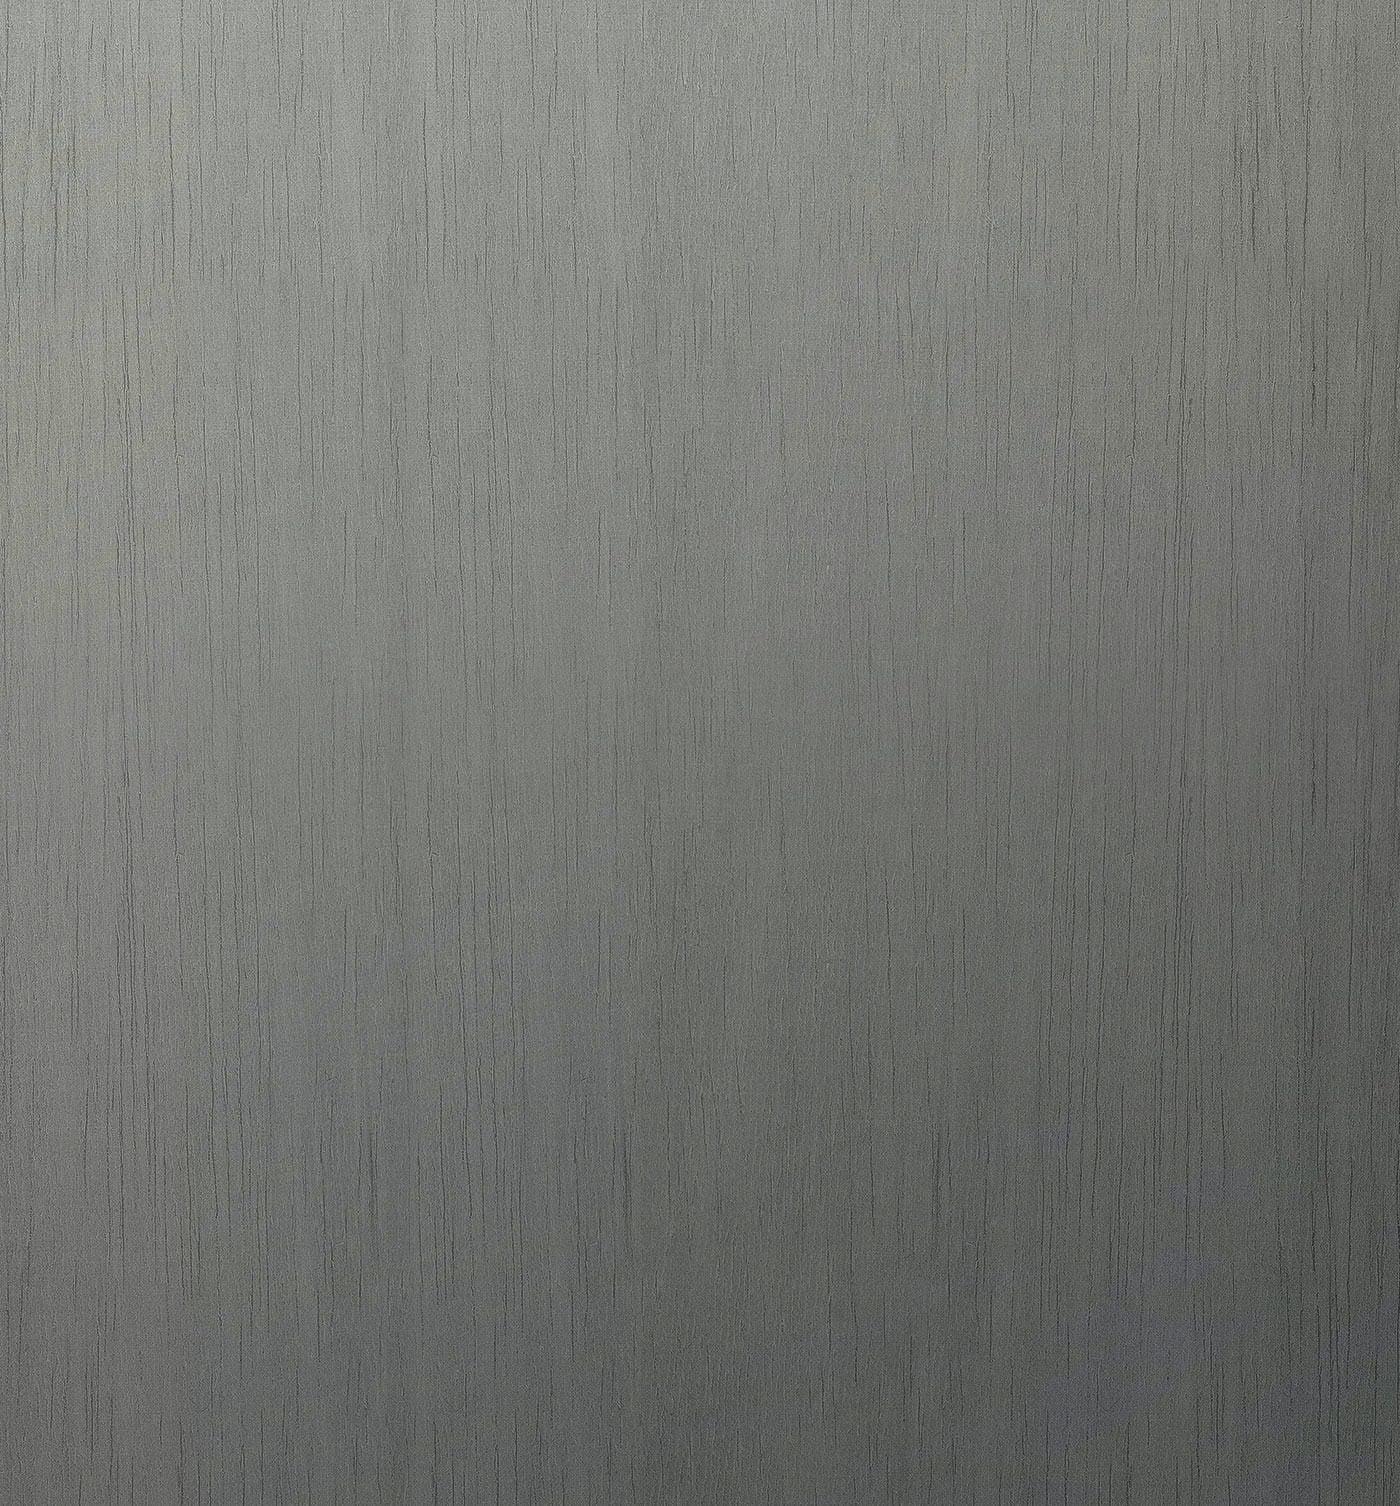 fond bois gris foncé